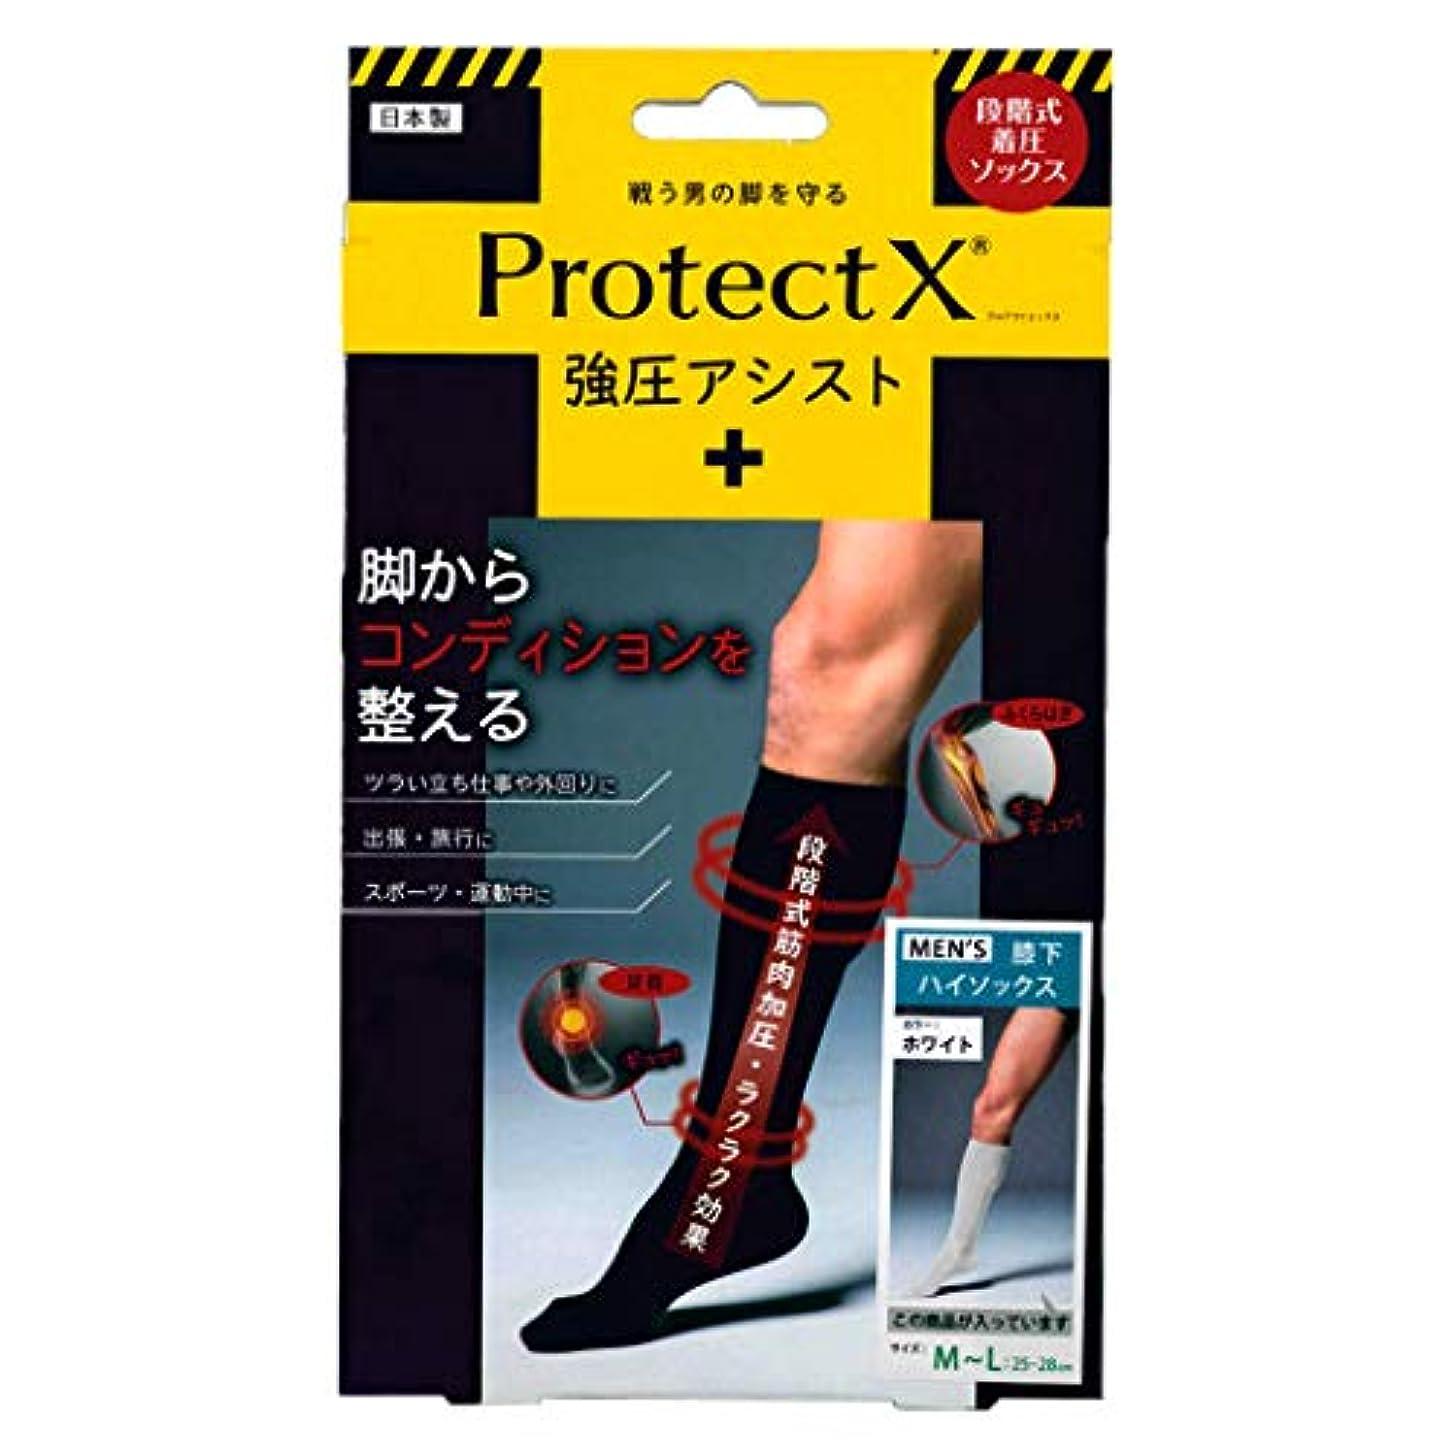 番目デザイナーサーバProtect X(プロテクトエックス) 強圧アシスト つま先あり着圧ソックス 膝下 M-Lサイズ ホワイト